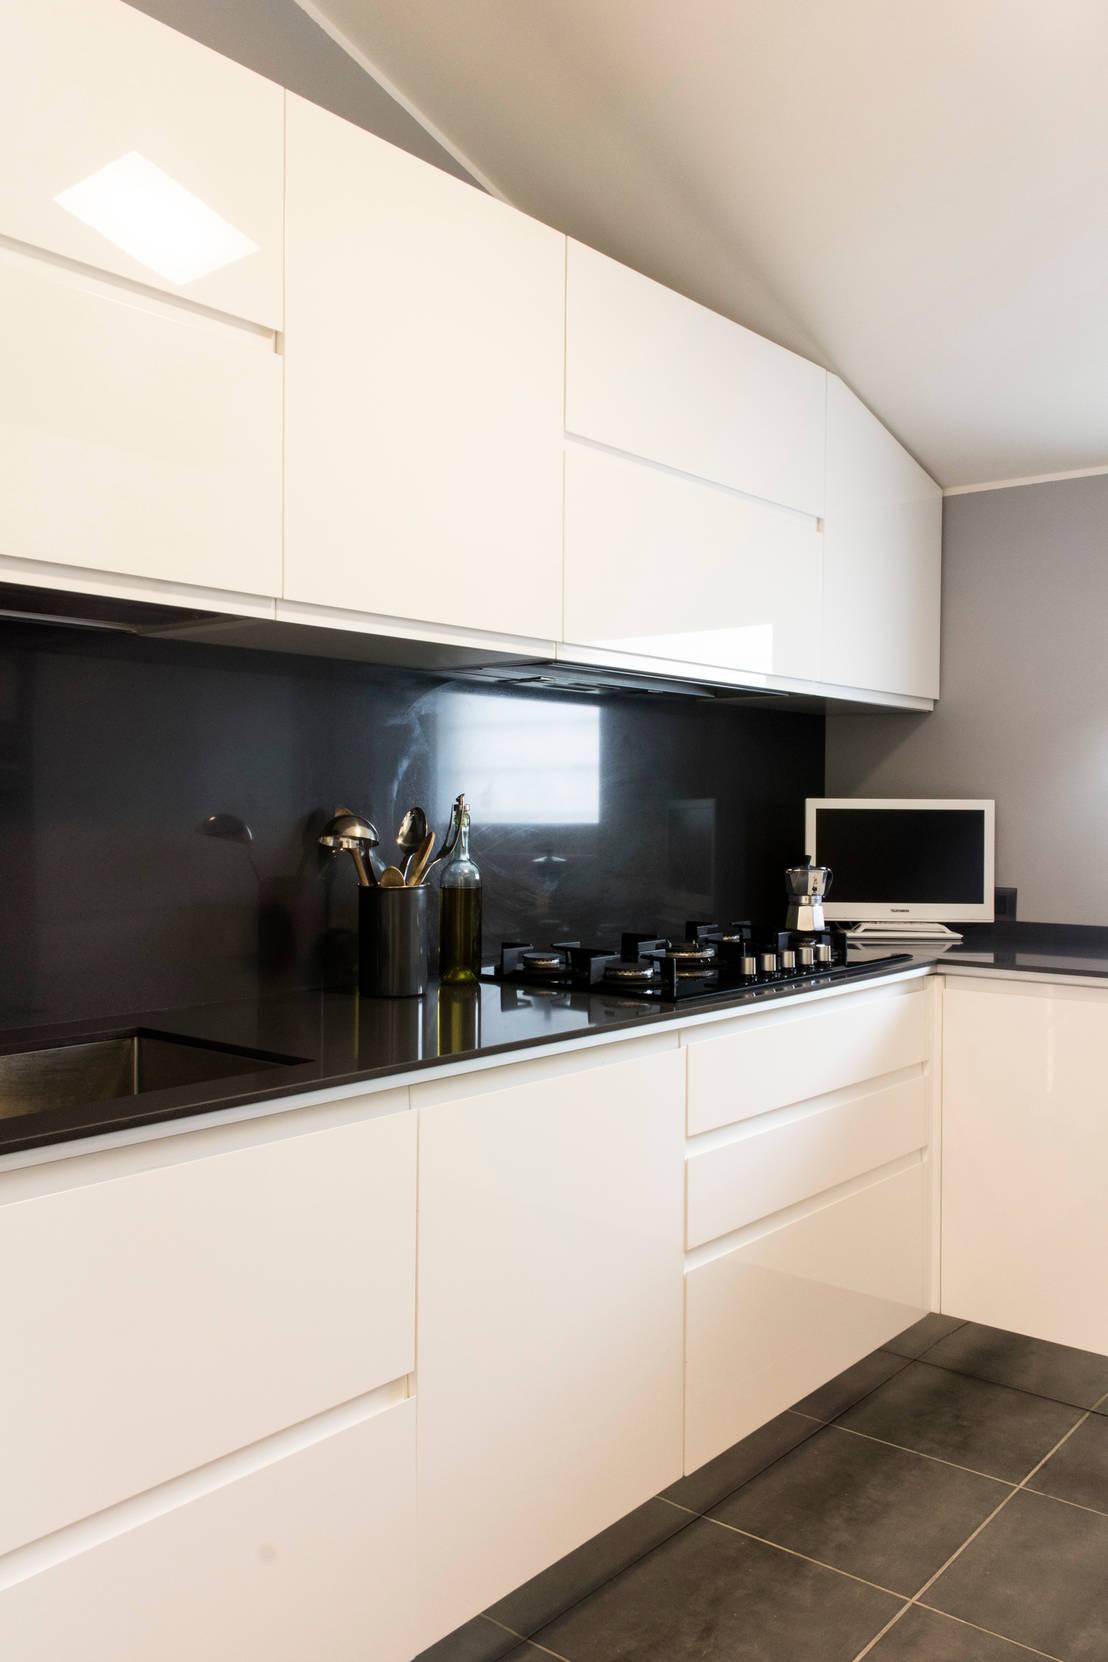 Cucina in bianco e nero - Mattonelle da cucina moderne ...